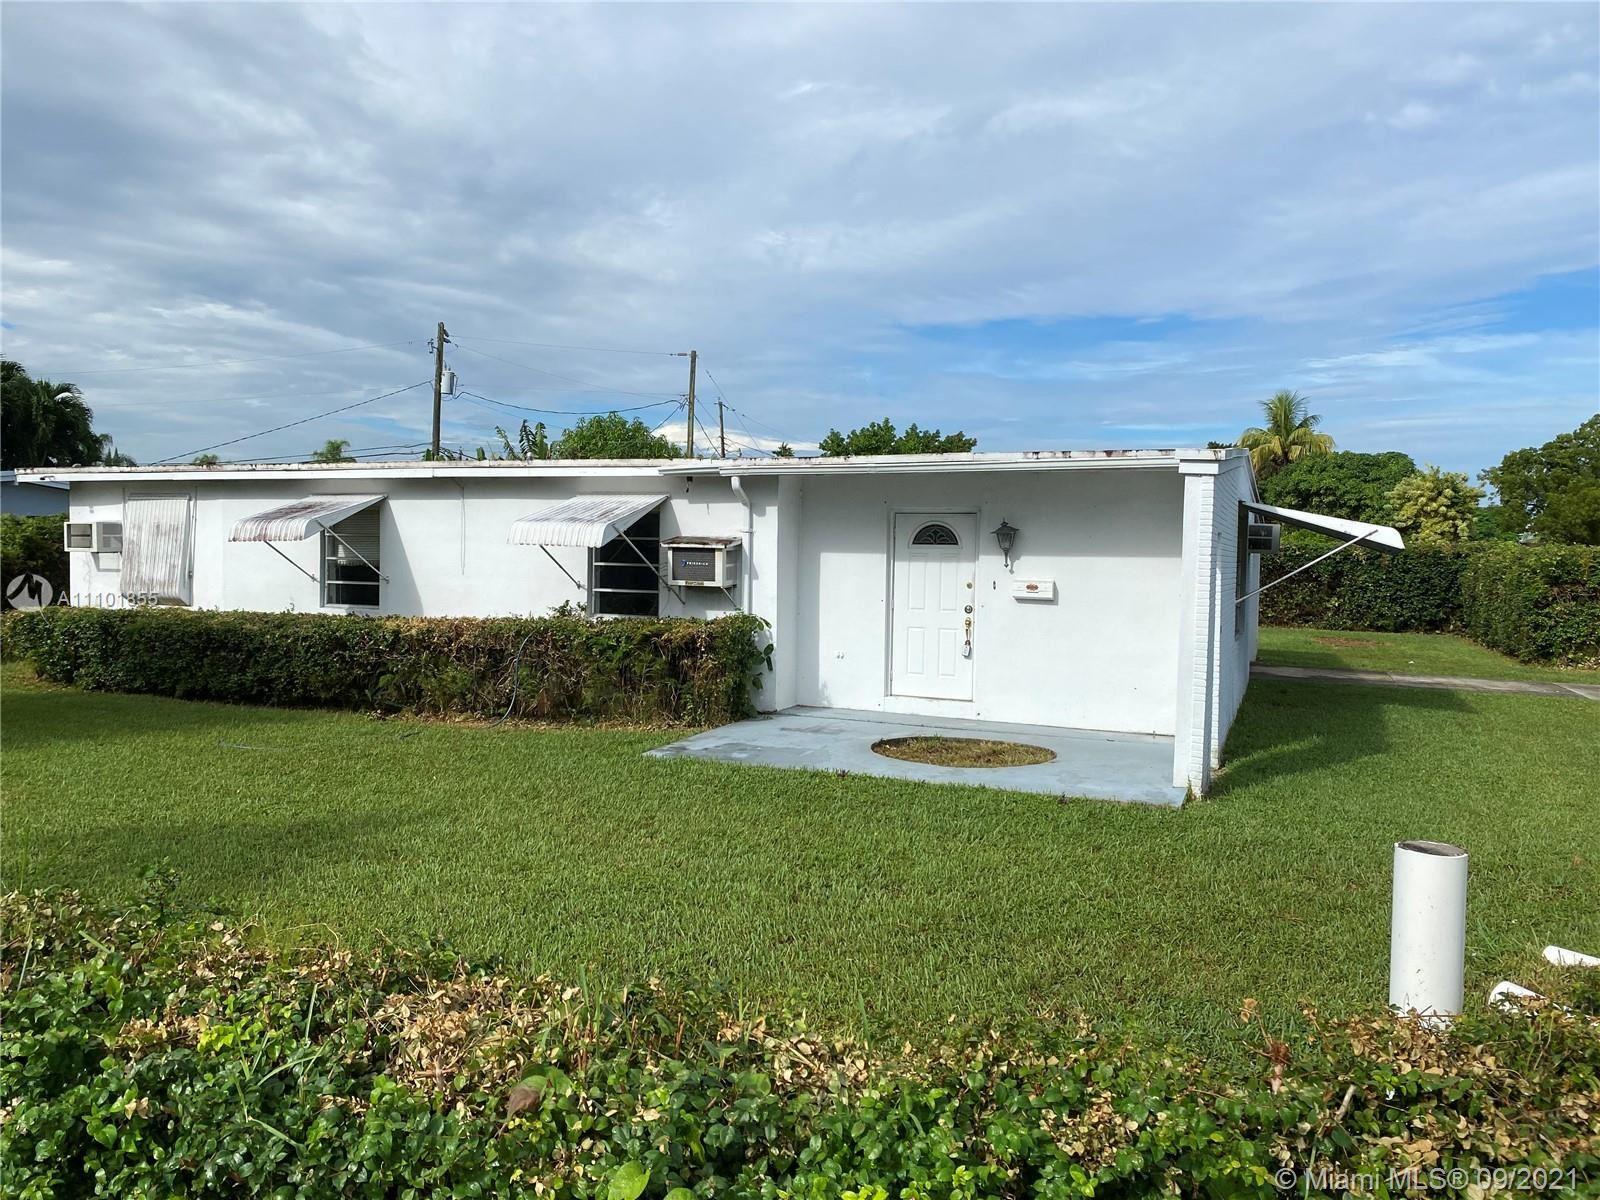 4400 SW 97th Ave, Miami, FL 33165 - #: A11101855